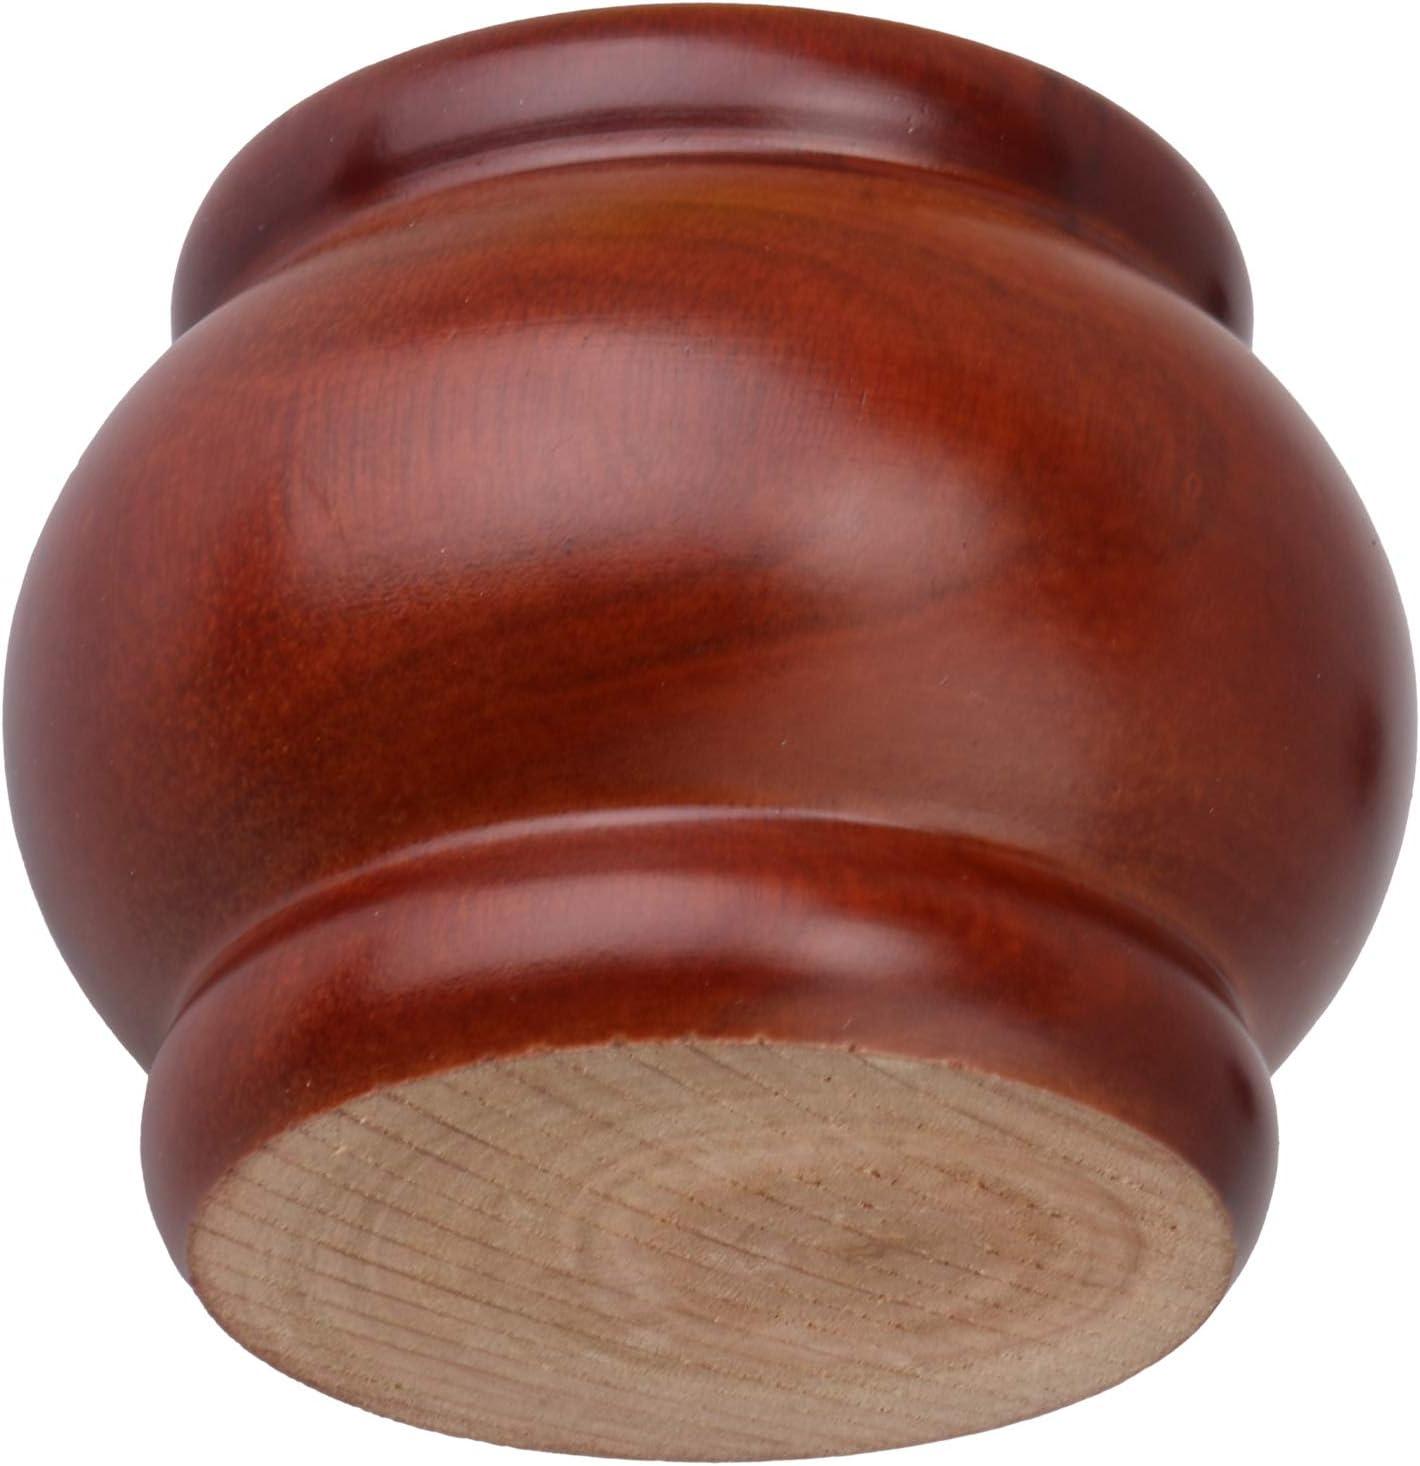 4pcs 78mmx62mm Eucalyptus Wood Round Bun Furniture Feet (red Brown)